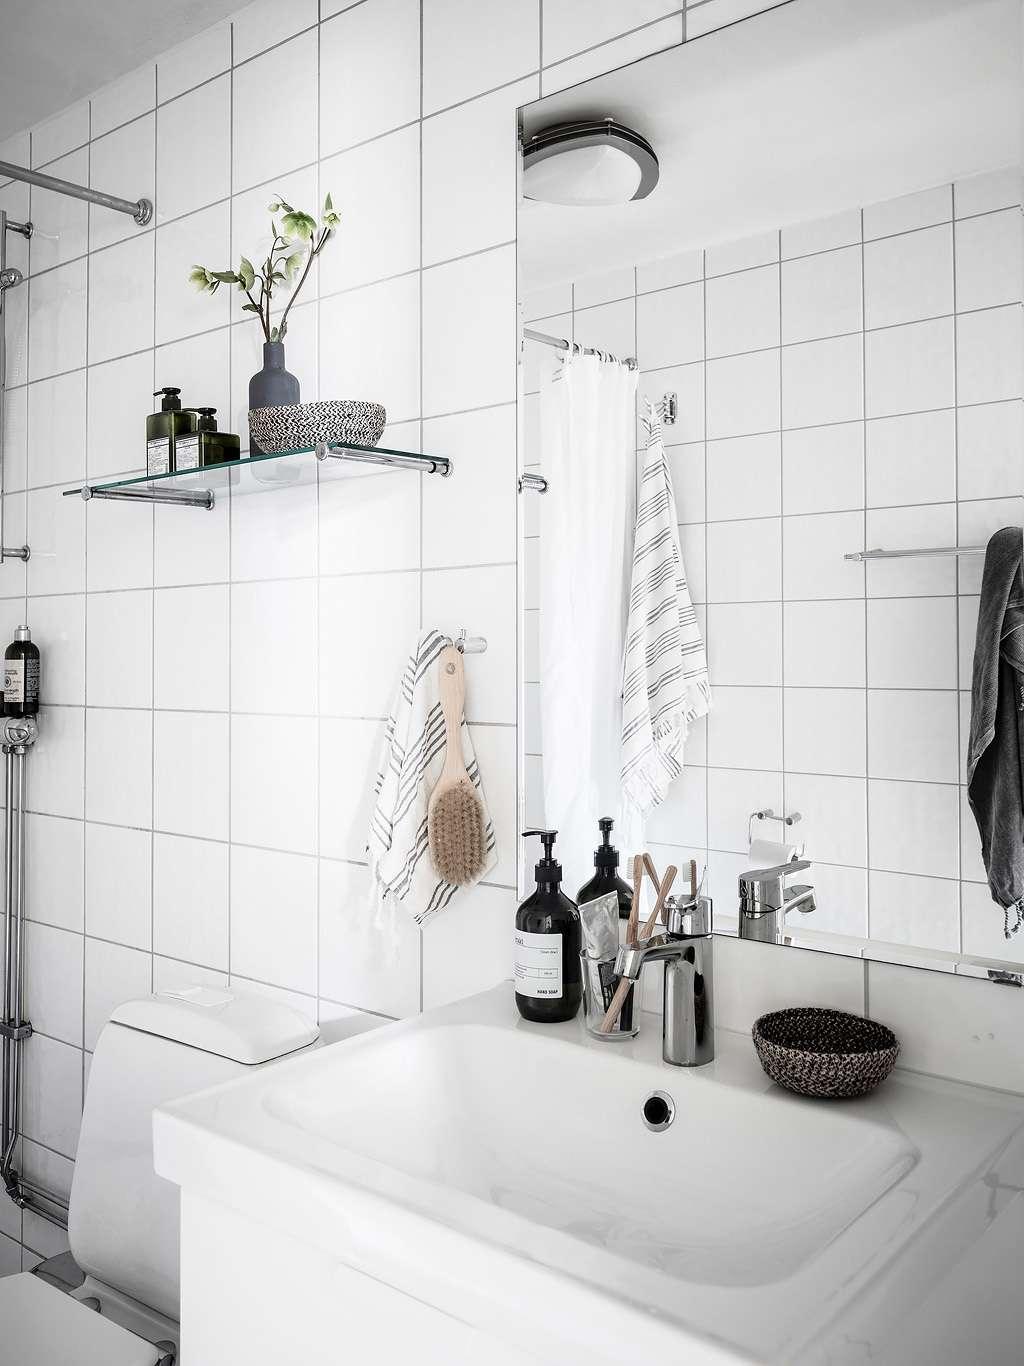 Lejlighed med gennemgangsrum og hyggekroge | Kreavilla